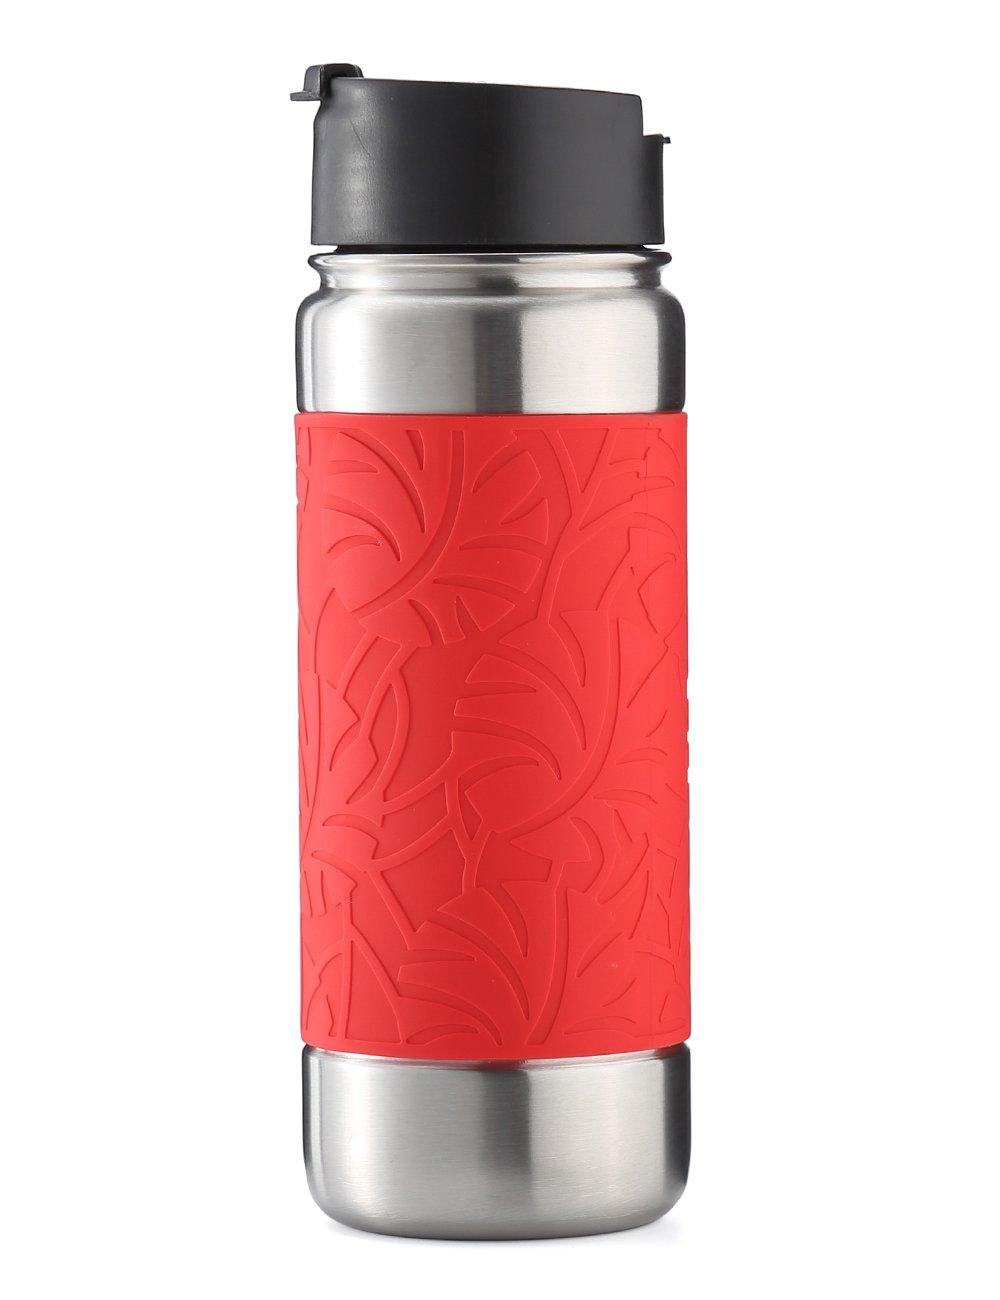 ボトル 330ml ストロー付き 子ども キッズ 2way 直飲み BPAフリー ウォーターボトル 水筒 軽量 手提げ可能 スポーツ アウトドア 入学 通学 入園 通園 bottlebottle (鹿) B07DL2NDNS